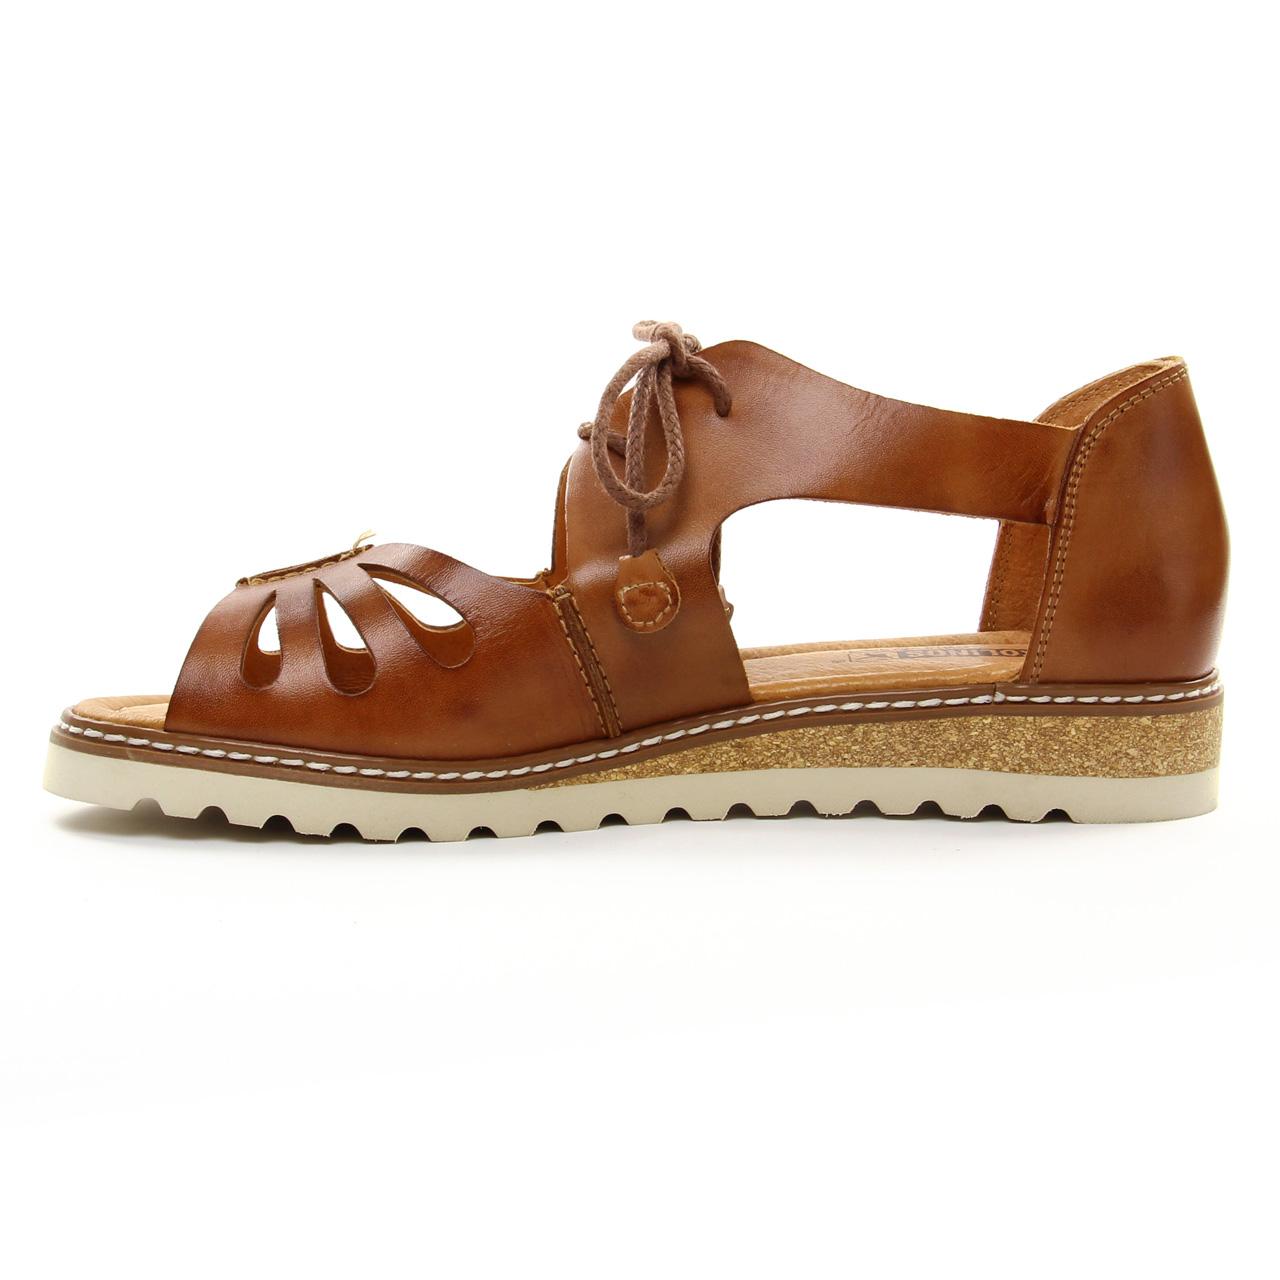 c10739a07ede90 Pikolinos W1L-0917 Brandy | sandales marron printemps été chez TROIS ...